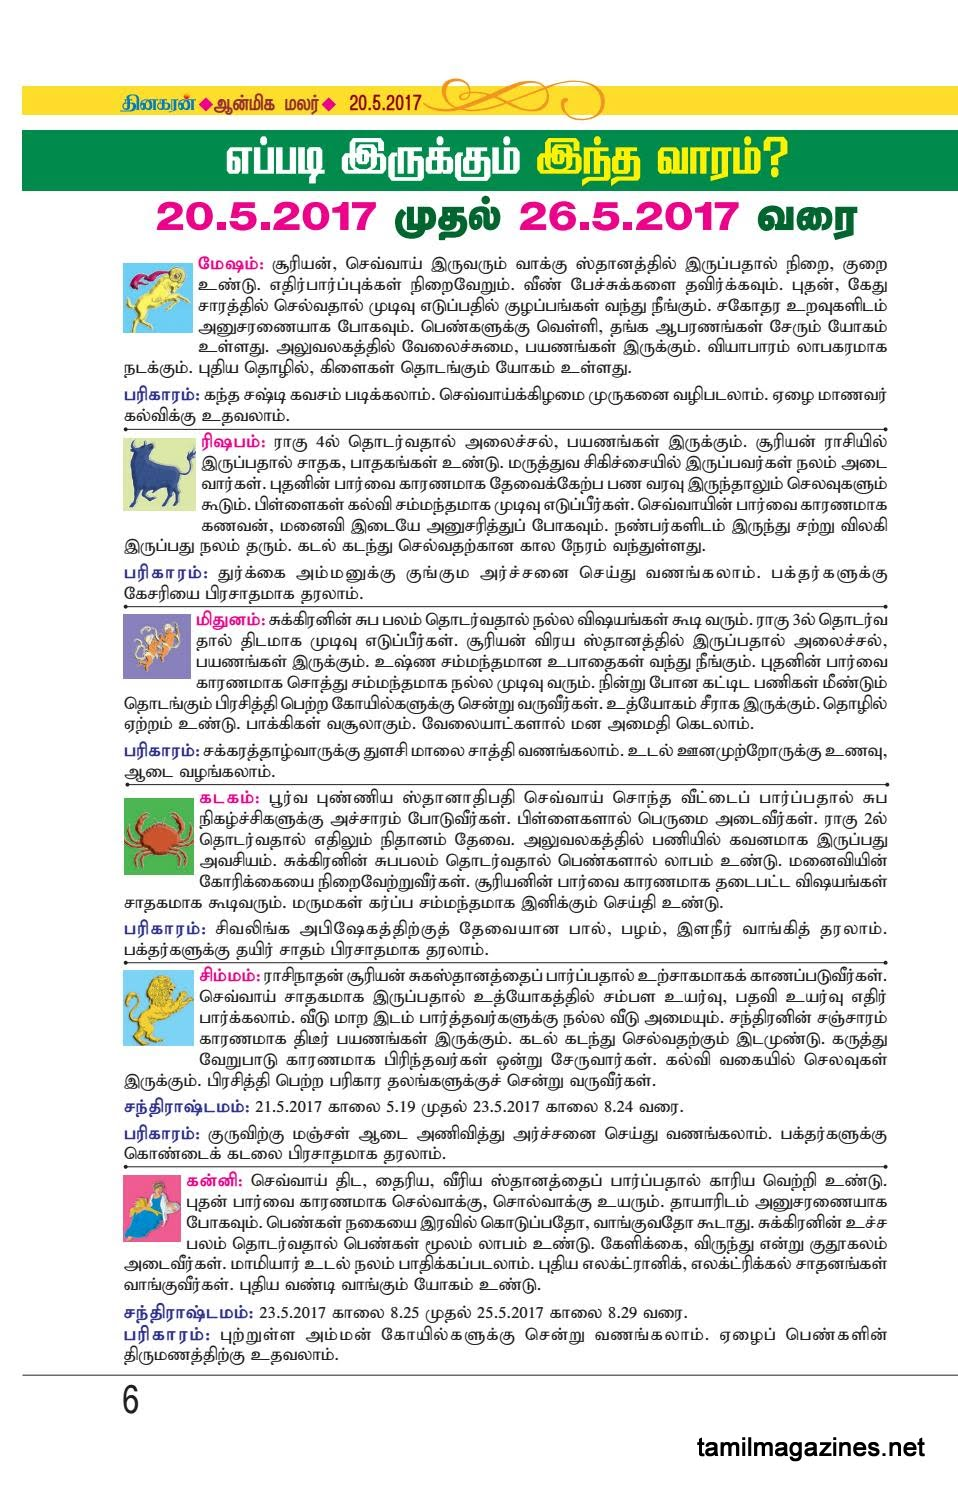 Soccervista correct score predictions vvww ecasa org uk